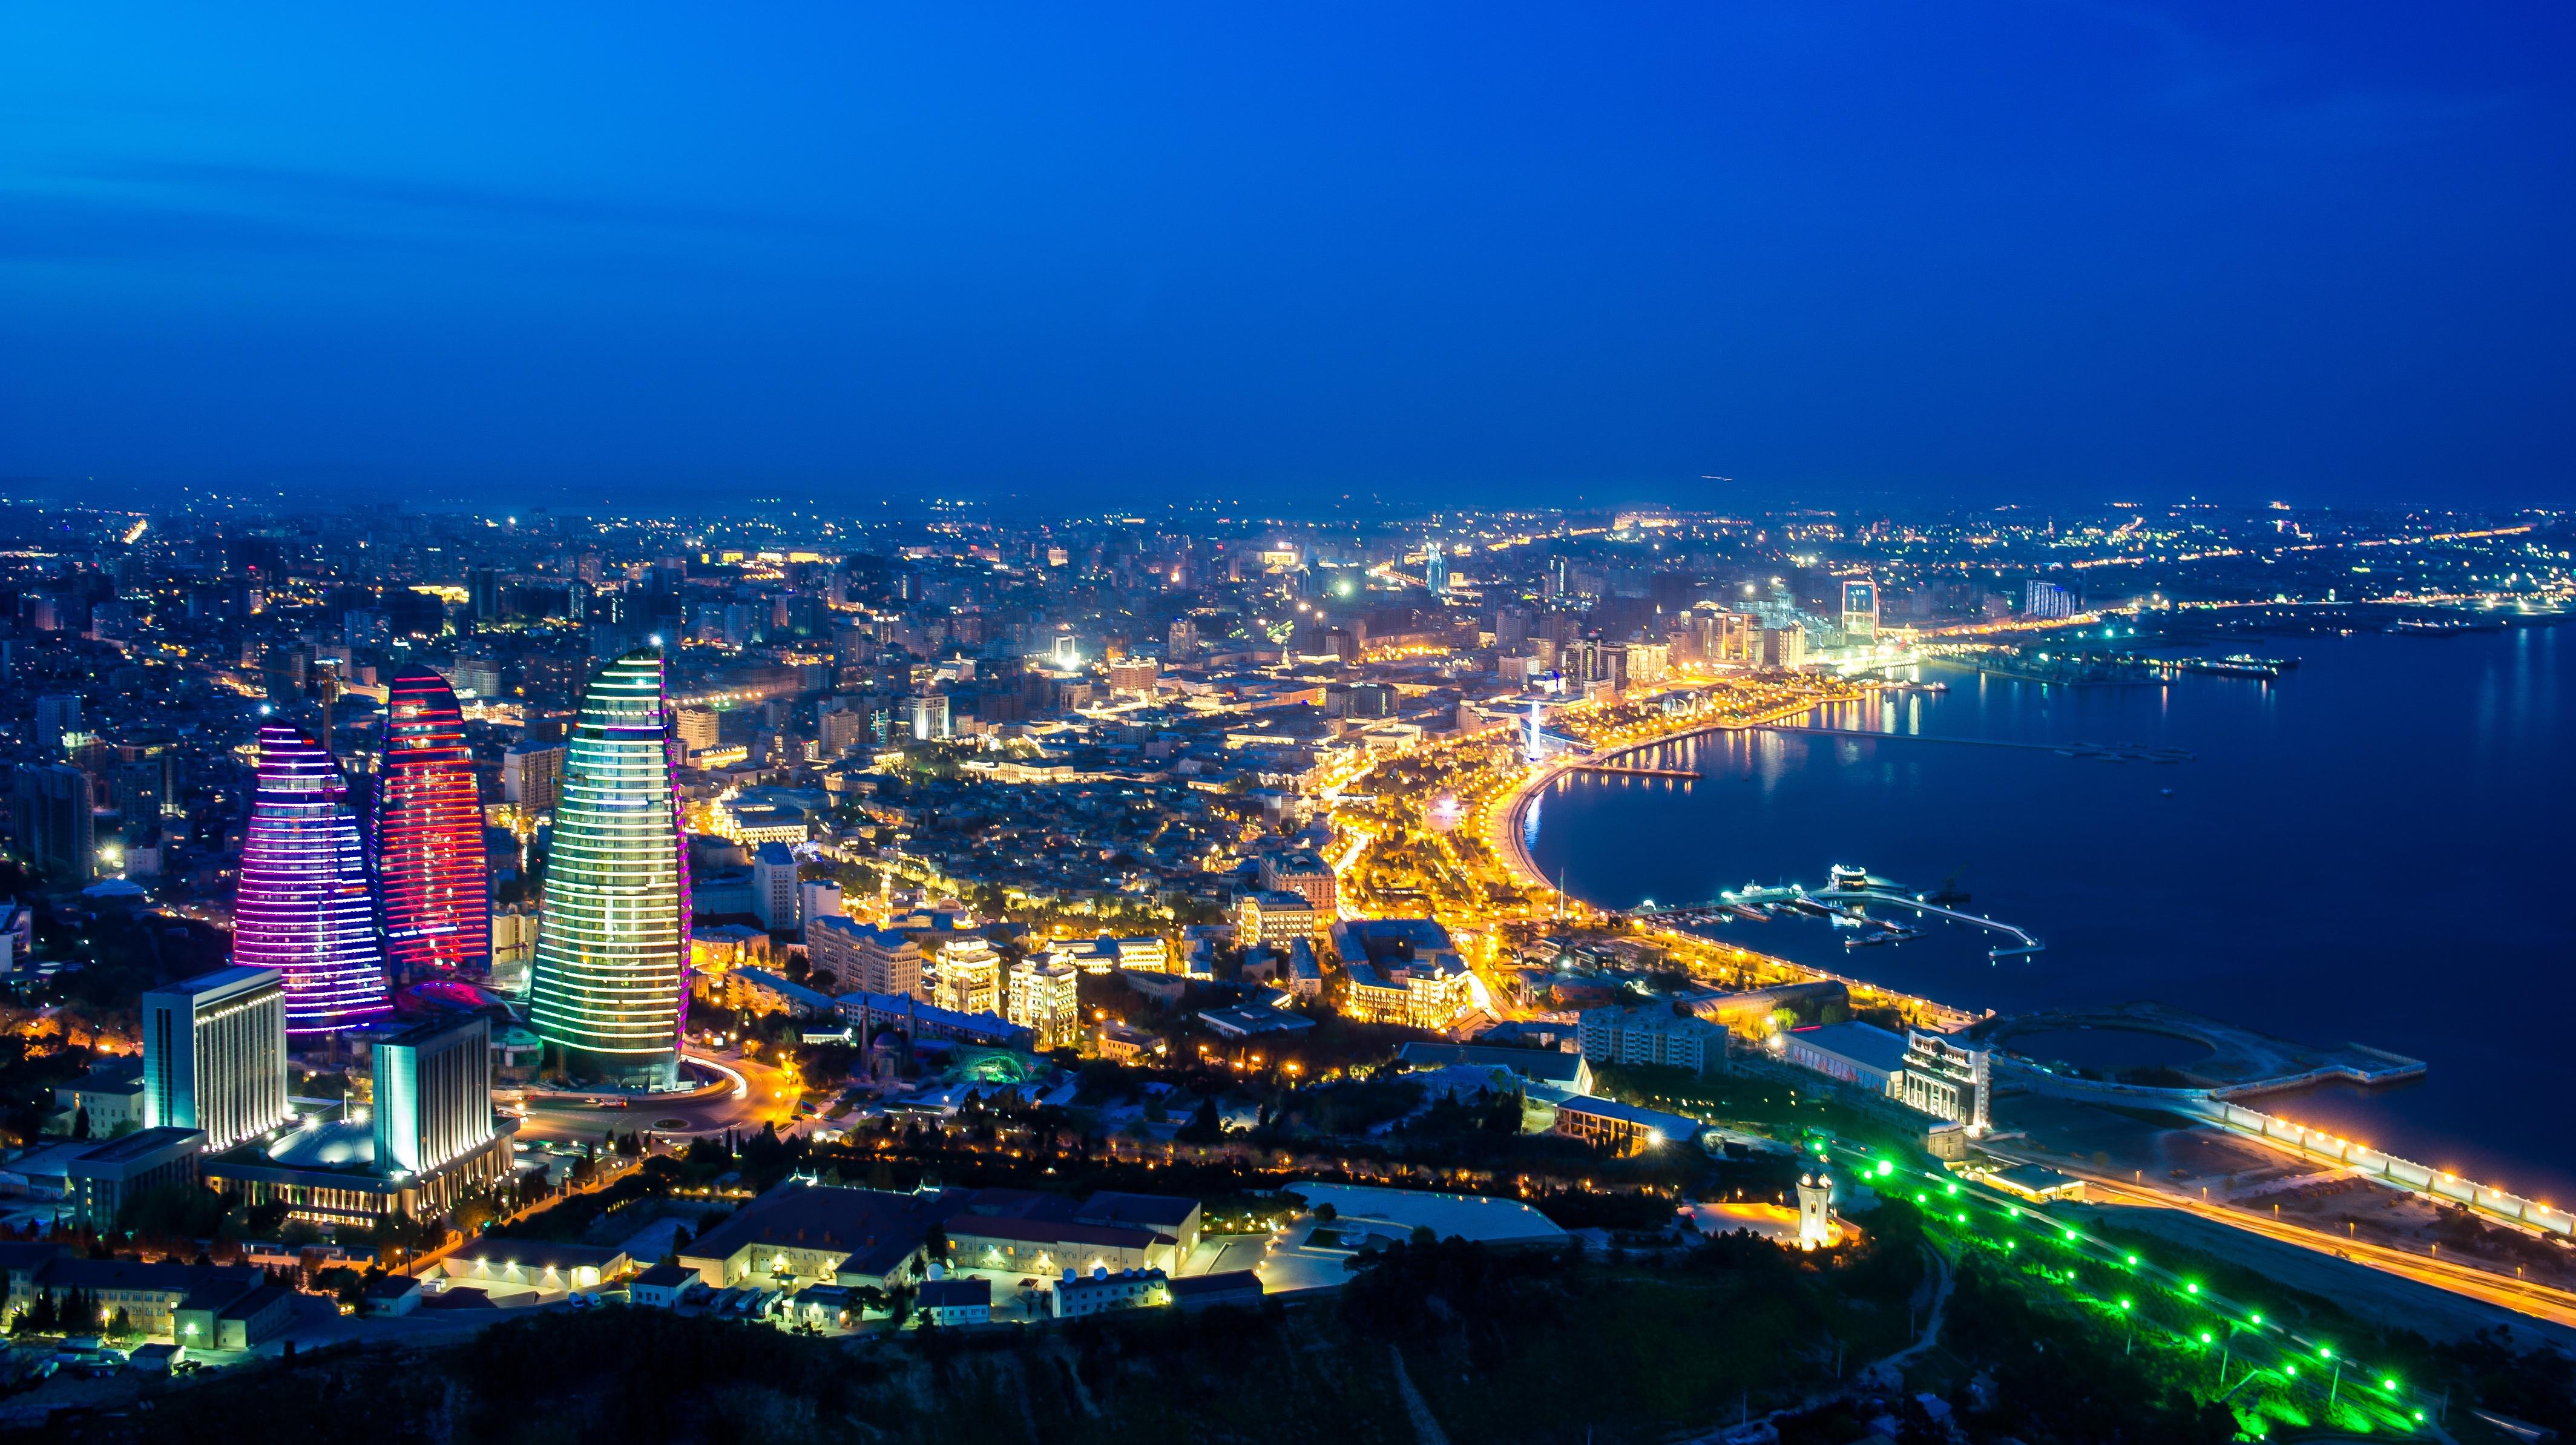 Best 53 Baku Wallpaper on HipWallpaper Baku Wallpaper Baku 4256x2387